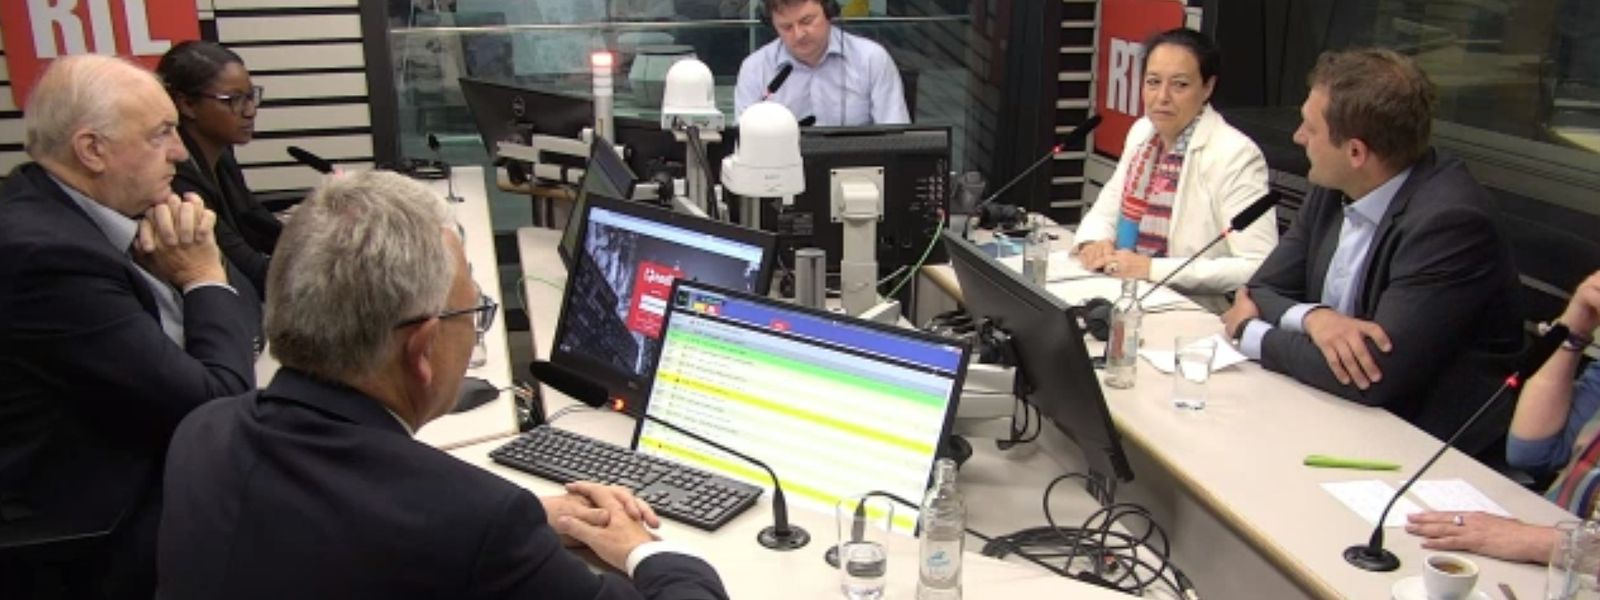 Die Gesprächsrunde der luxemburgischen EU-Wahlgewinner am Montagmorgen auf RTL Radio.